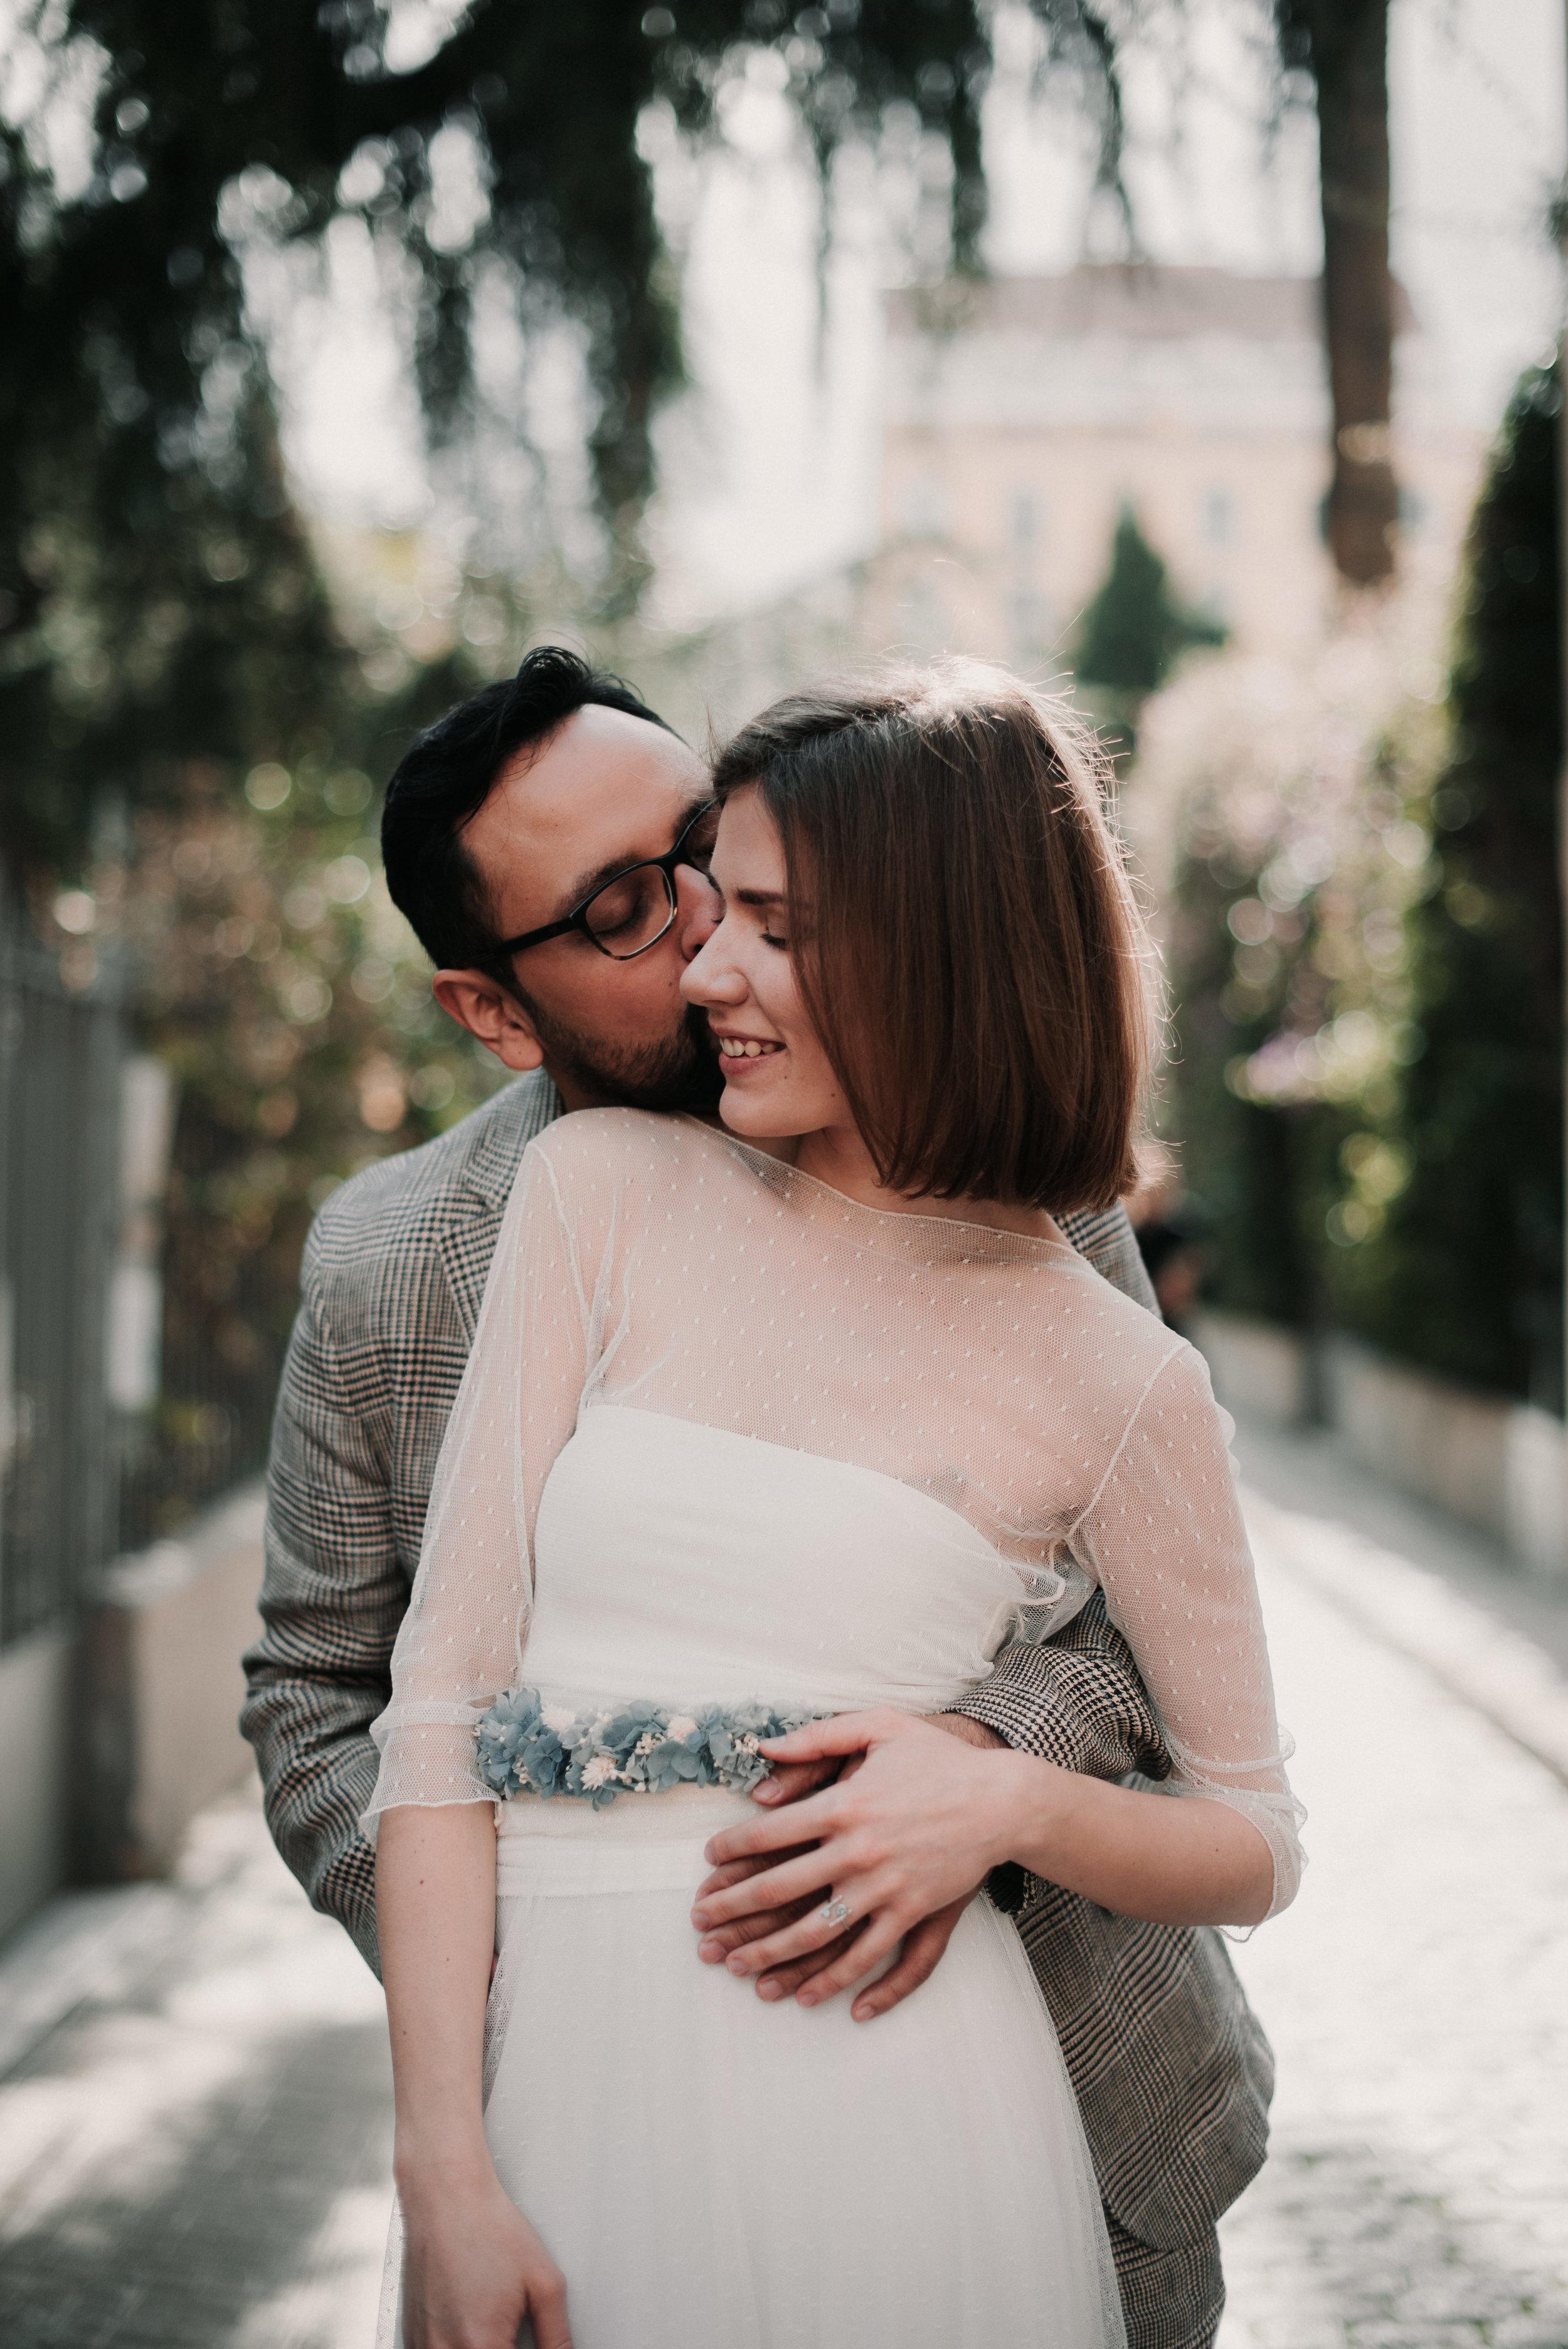 Léa-Fery-photographe-professionnel-lyon-rhone-alpes-portrait-creation-mariage-evenement-evenementiel-famille-4023.jpg